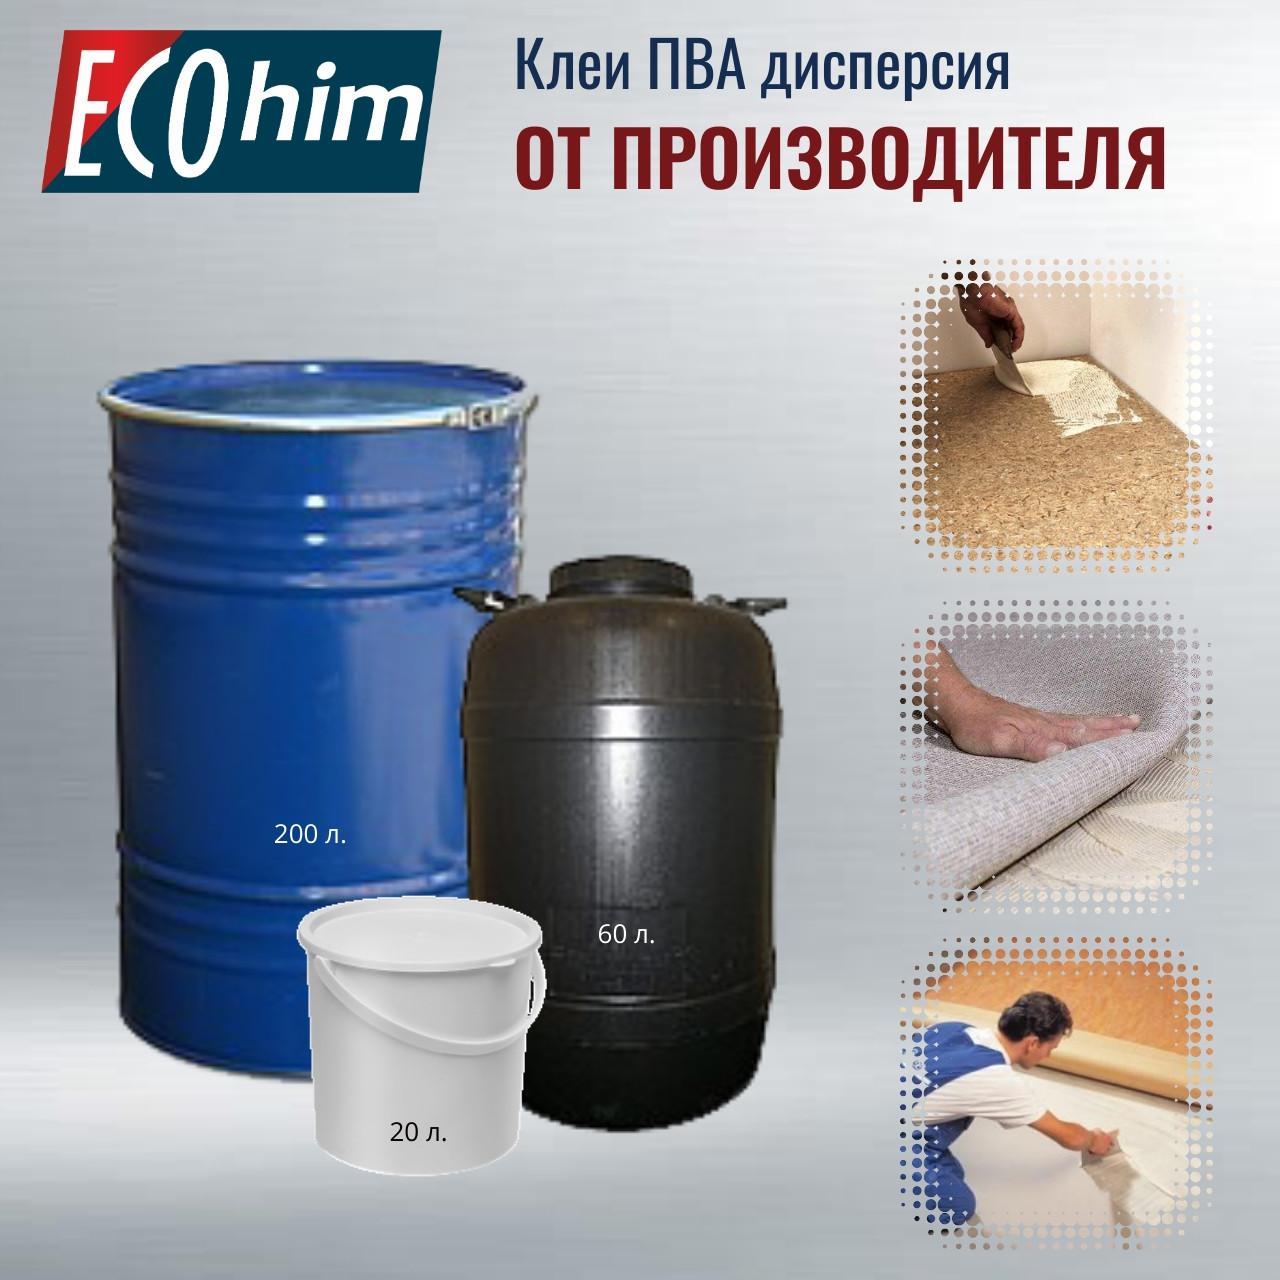 Клей ПВА дисперсия марка Д 25/10С пластифицированная оптом